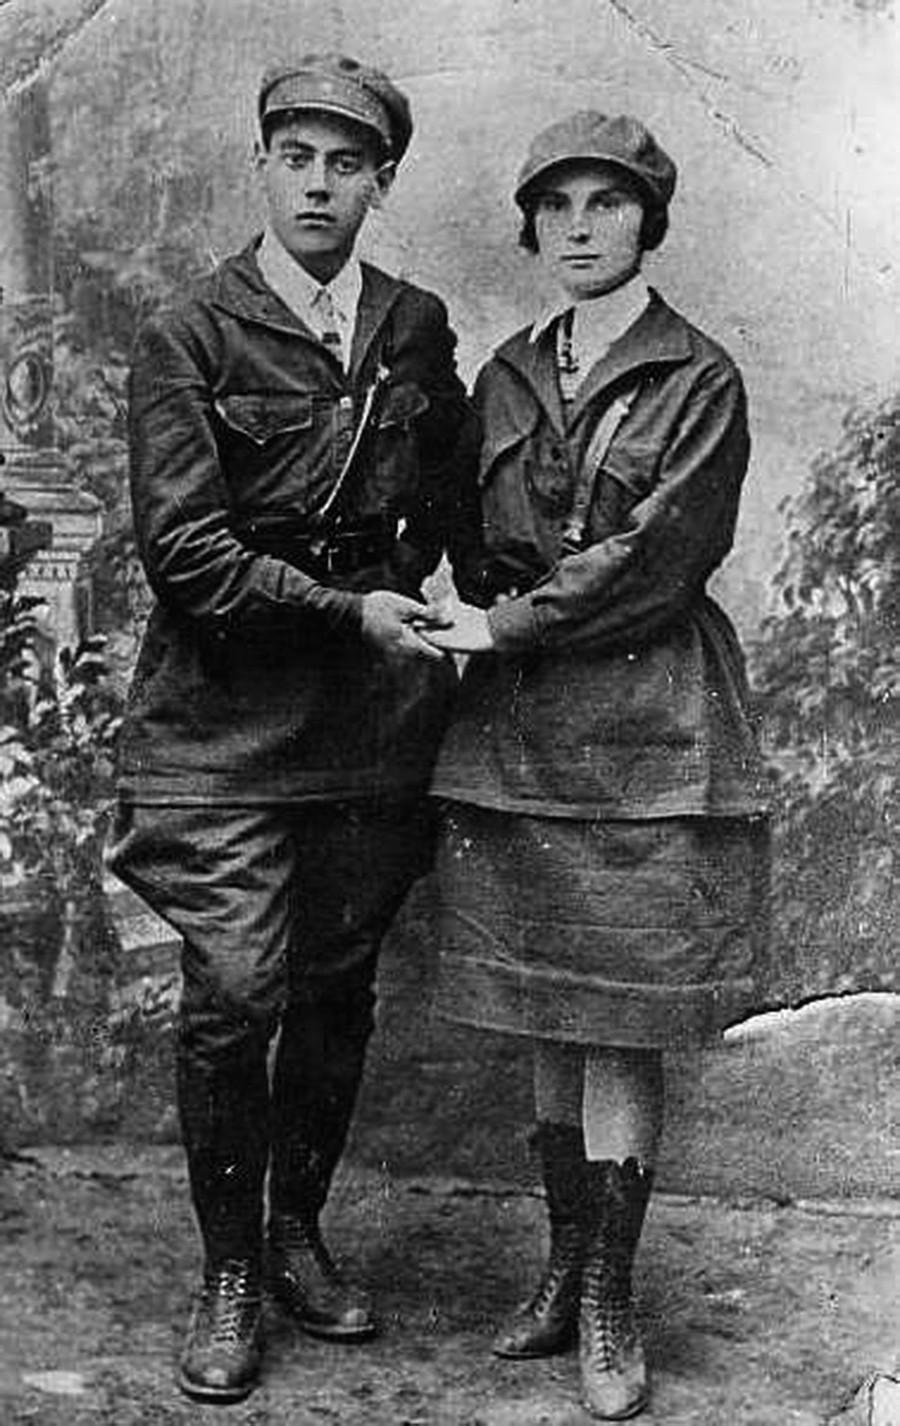 Membros do Komsomol na década de 1920.